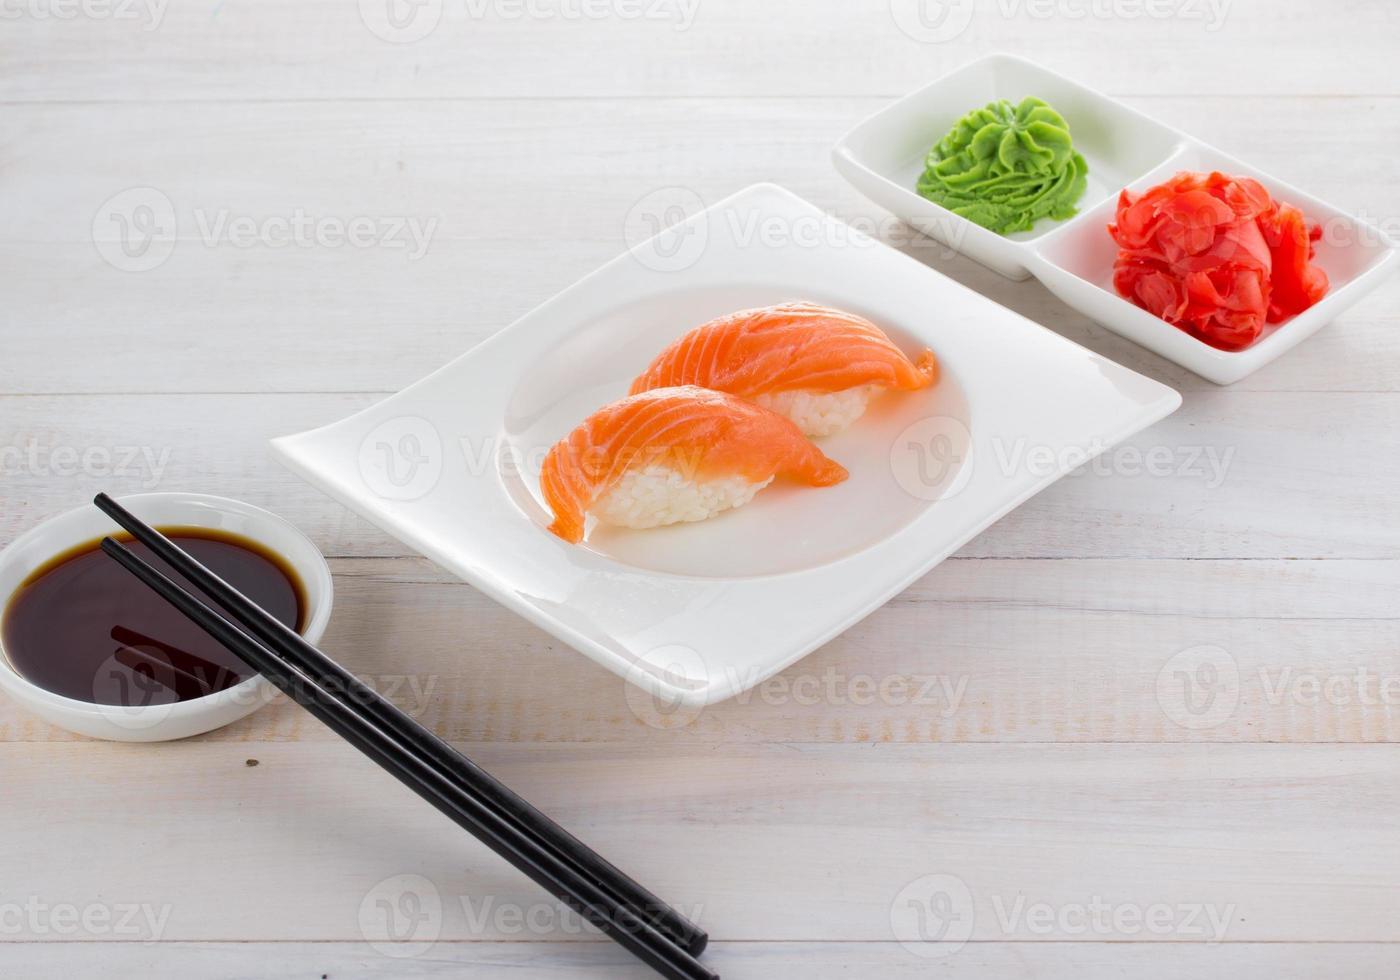 cucina giapponese. Sushi su un gete su sfondo di legno foto